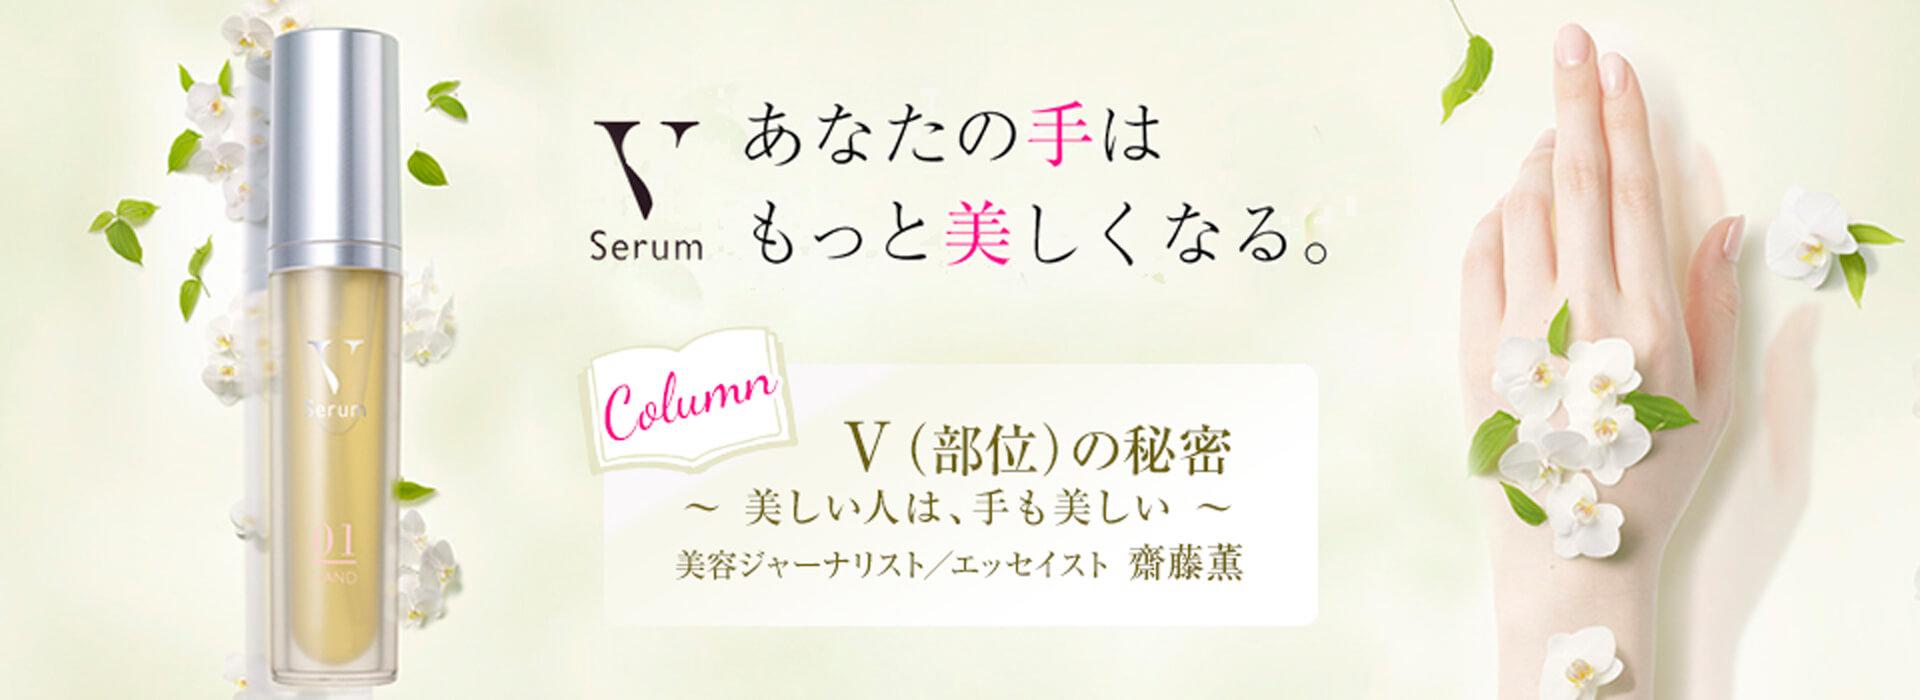 Vセラム誕生。あなたの手はもっと美しくなる。